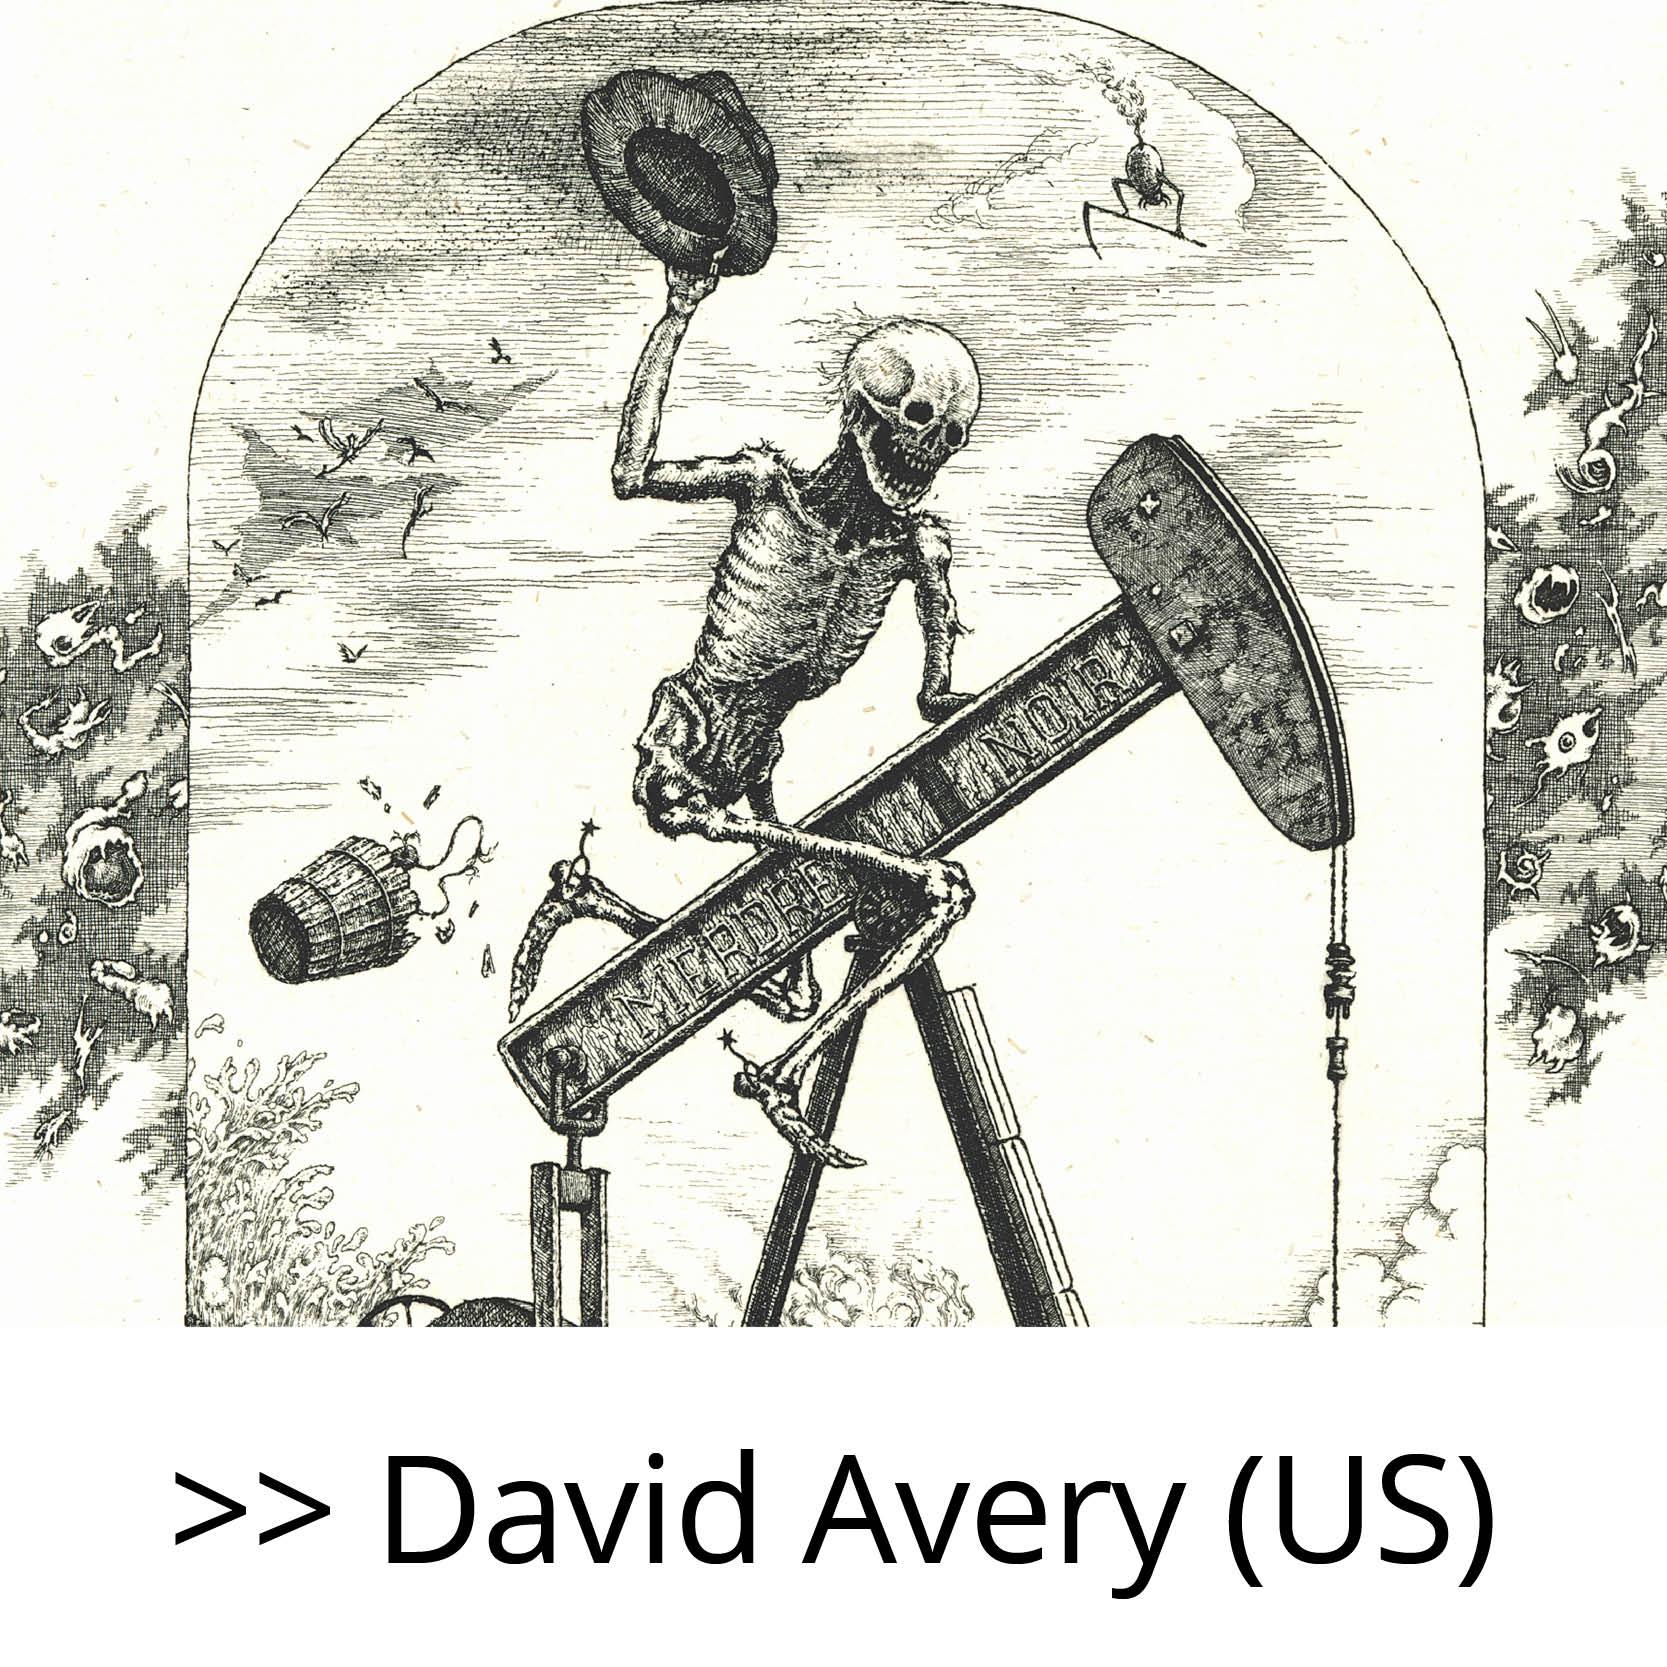 David_Avery_(US)